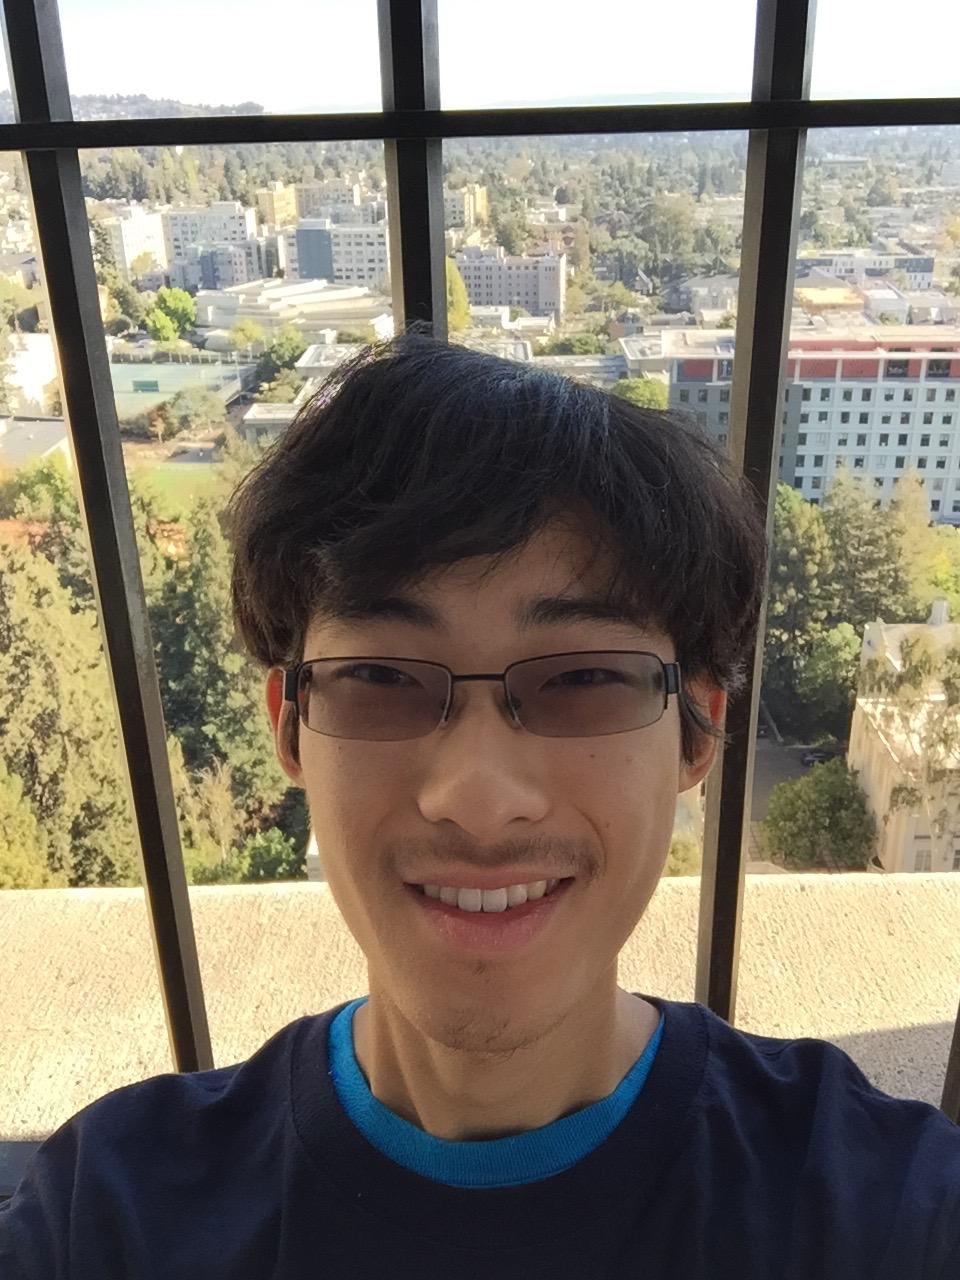 Kevin at UC Berkeley